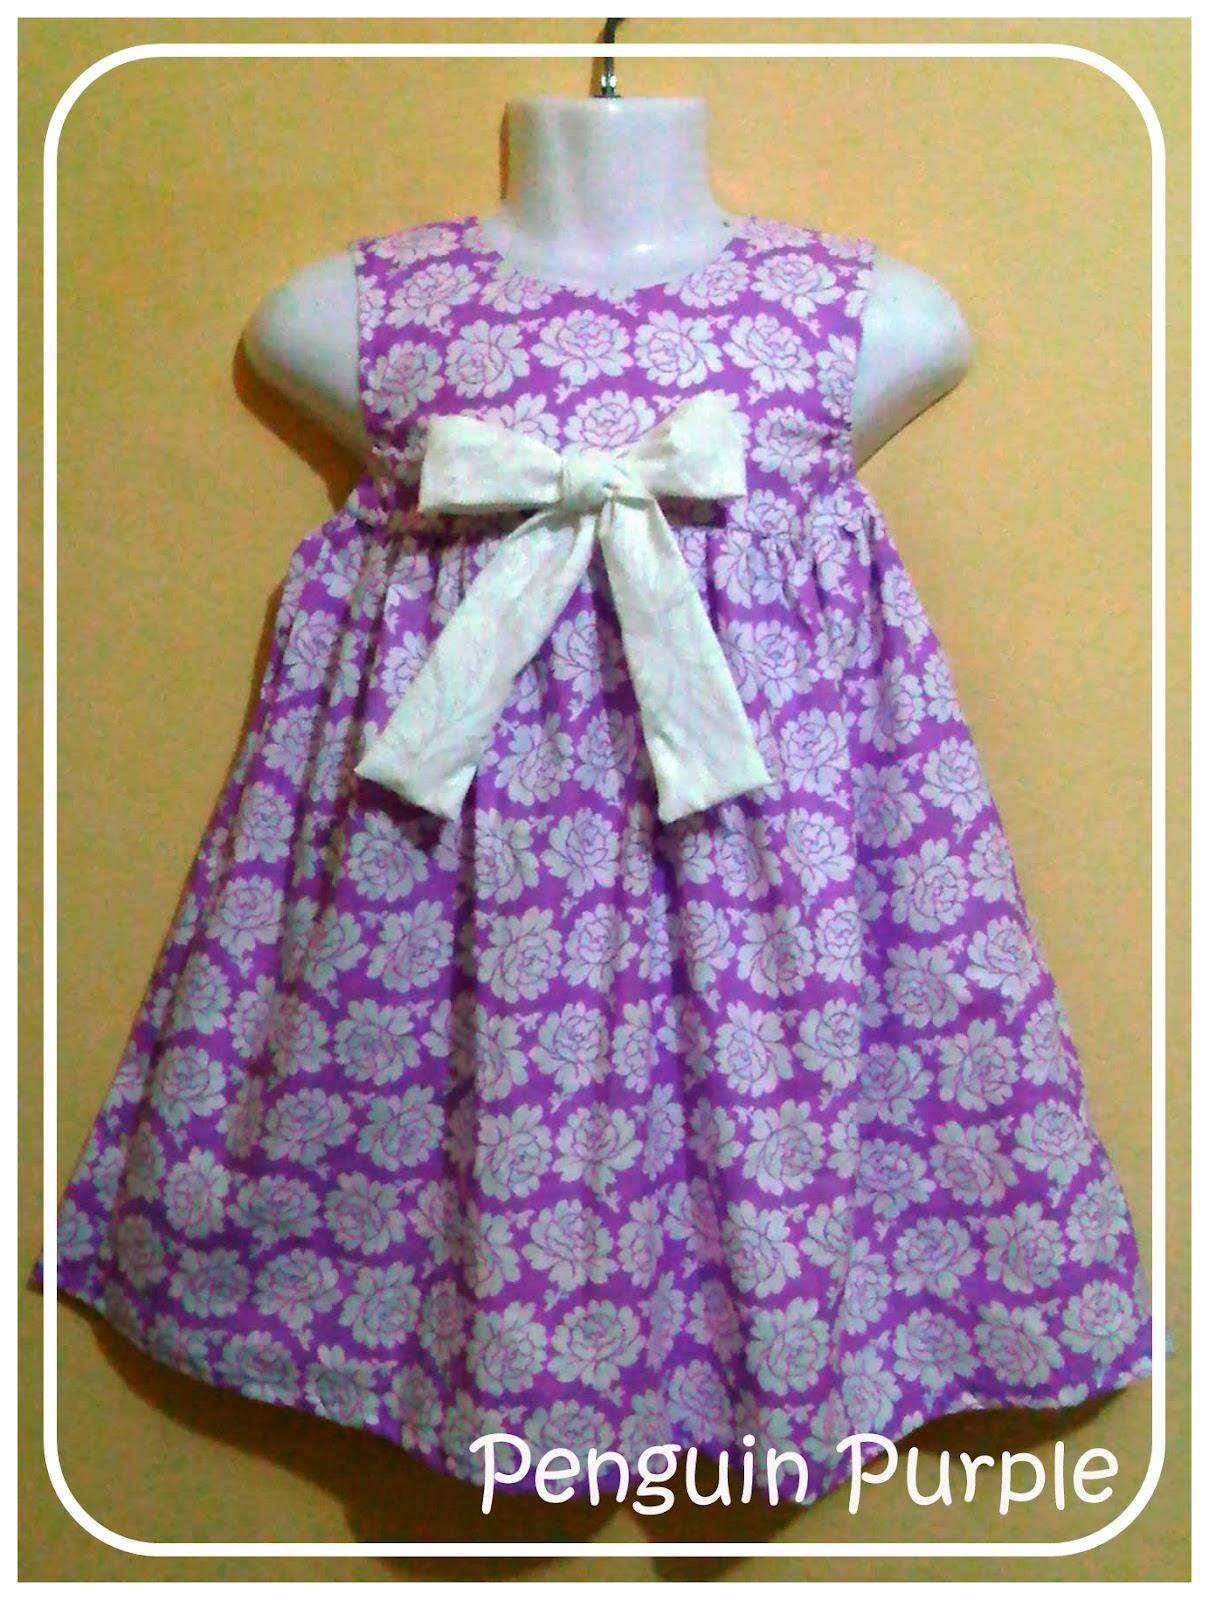 Baju Anak Perempuan Penguin Purple – jual baju anak perempuan harga